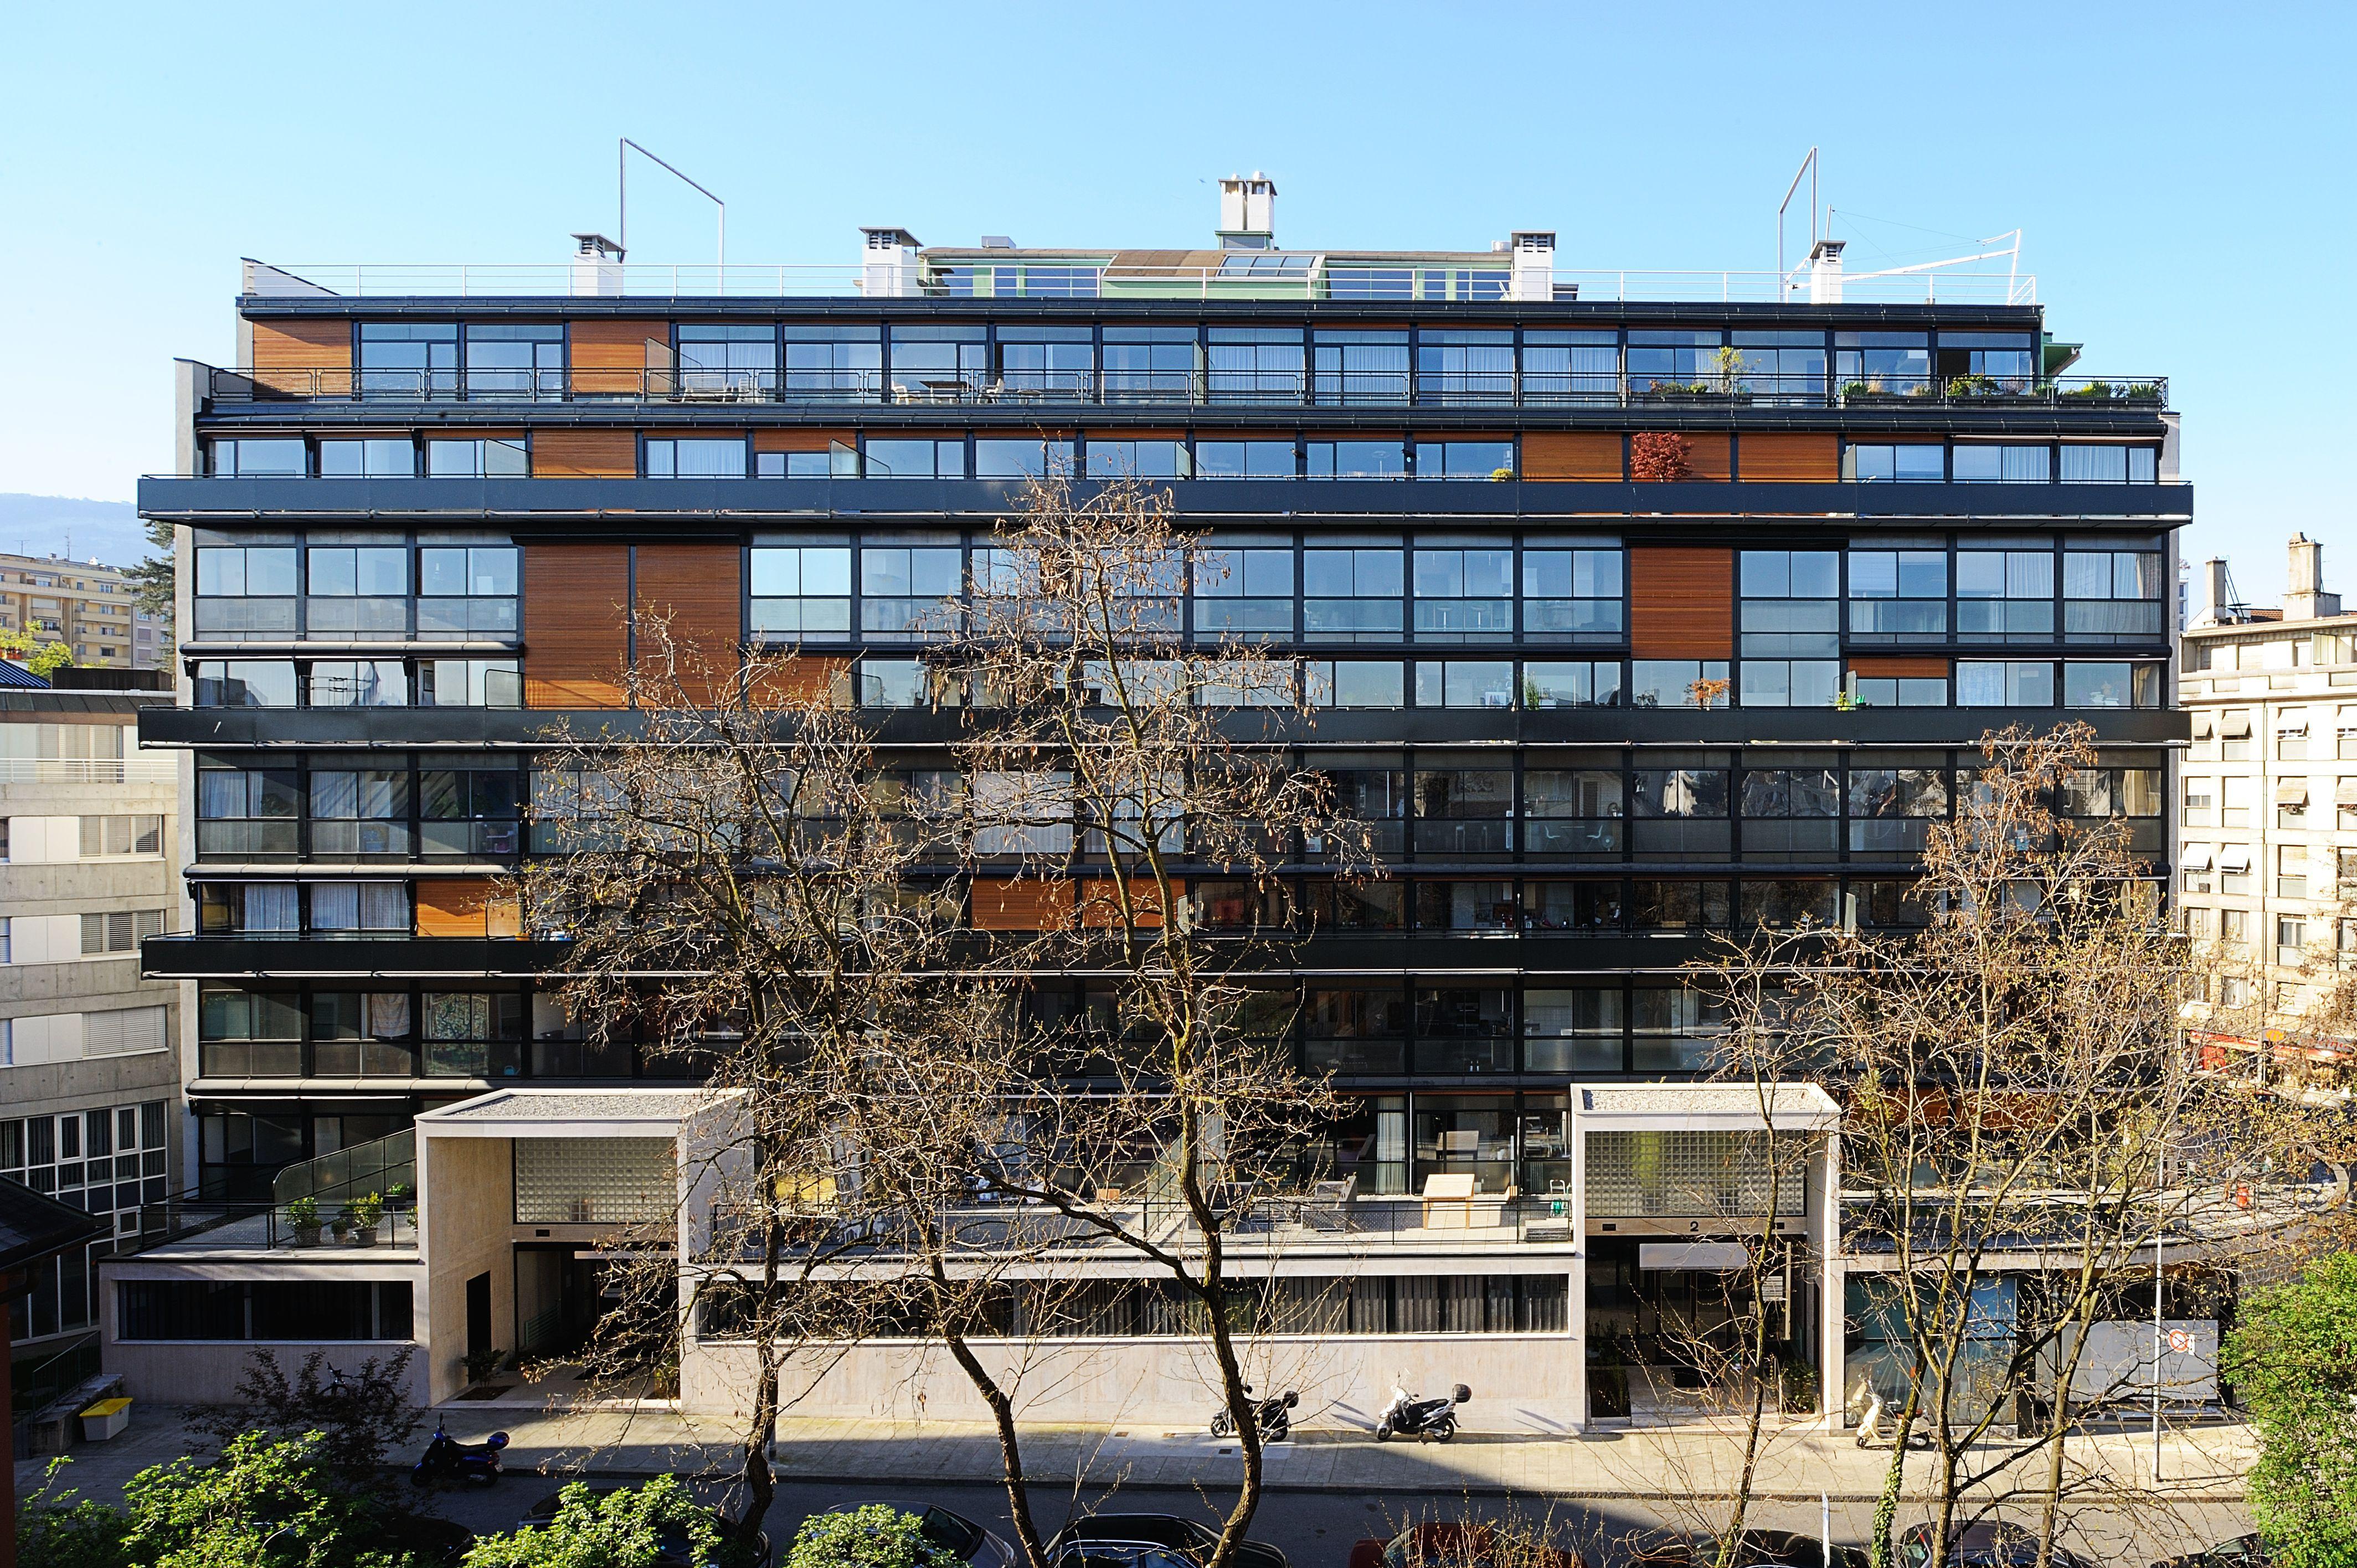 Le Corbusier Pierre Jeanneret Immeuble Clarte Geneve 1930 1932 Eaux Vives Geneve Le Corbusier Architecture Architecture Project